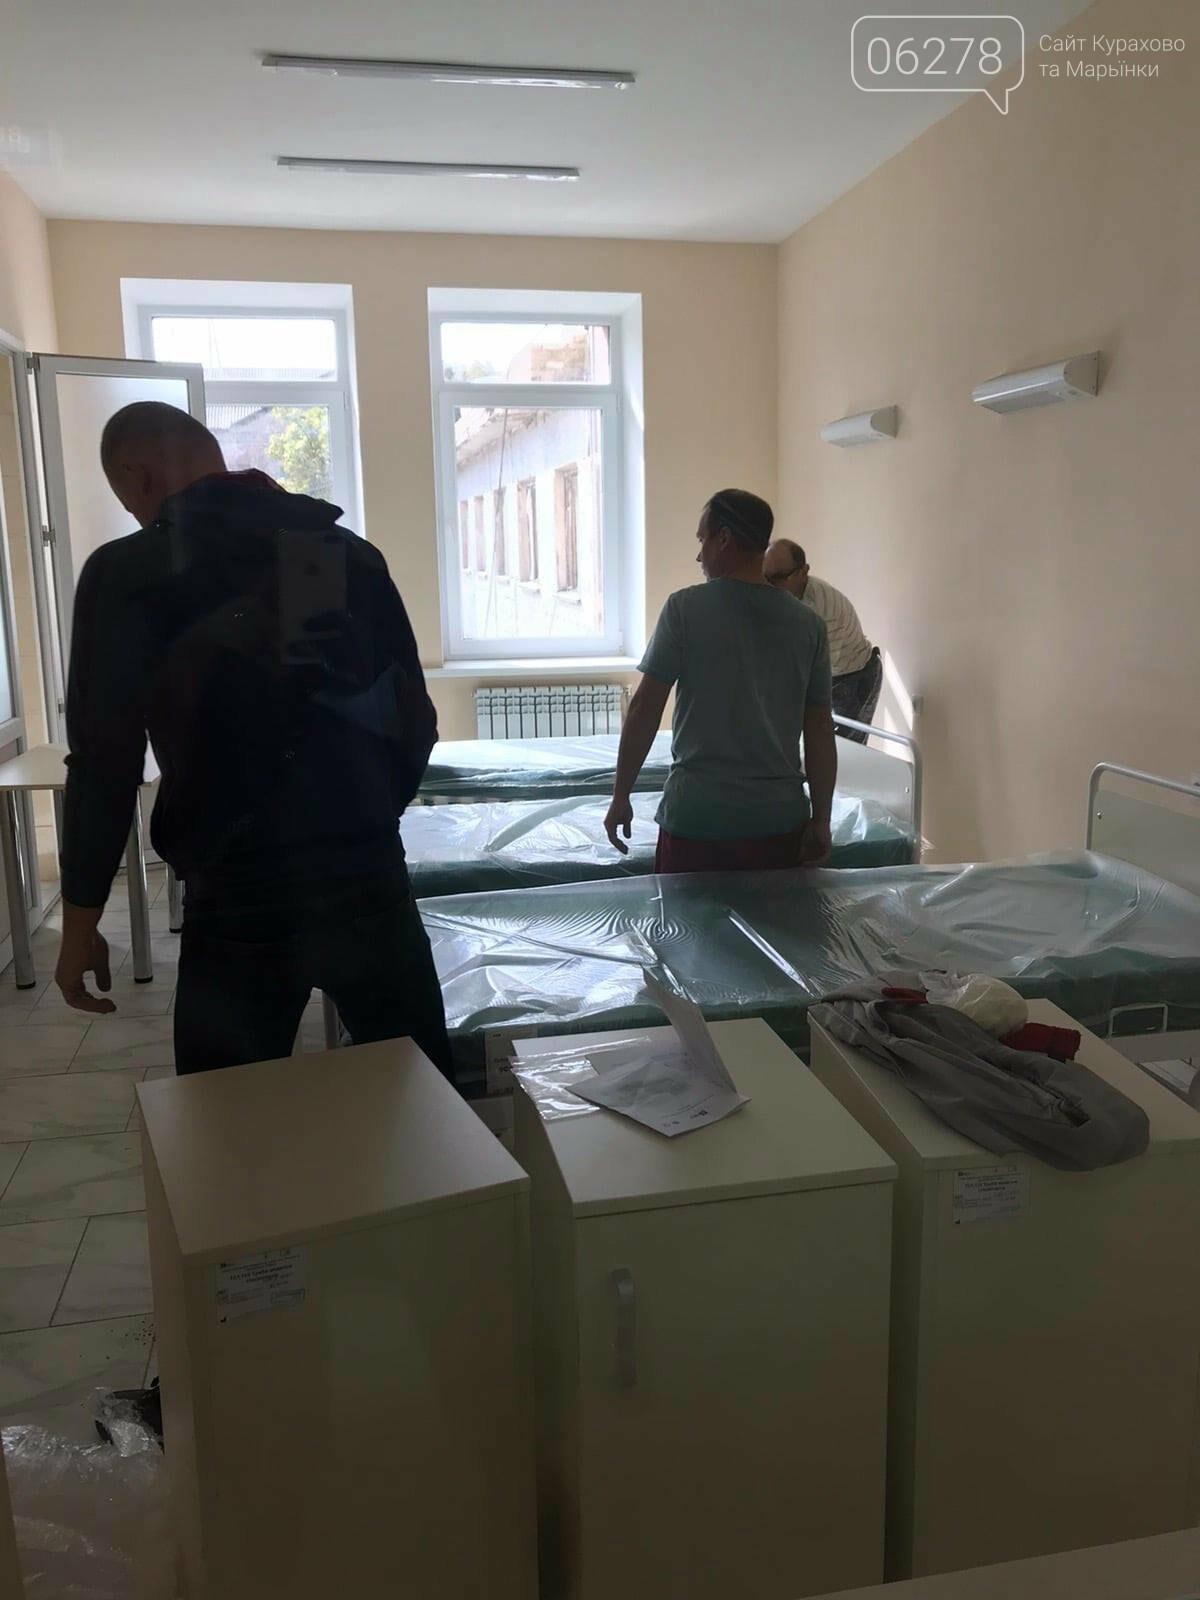 Новое инфекционное отделение отдали в эксплуатацию!, фото-2